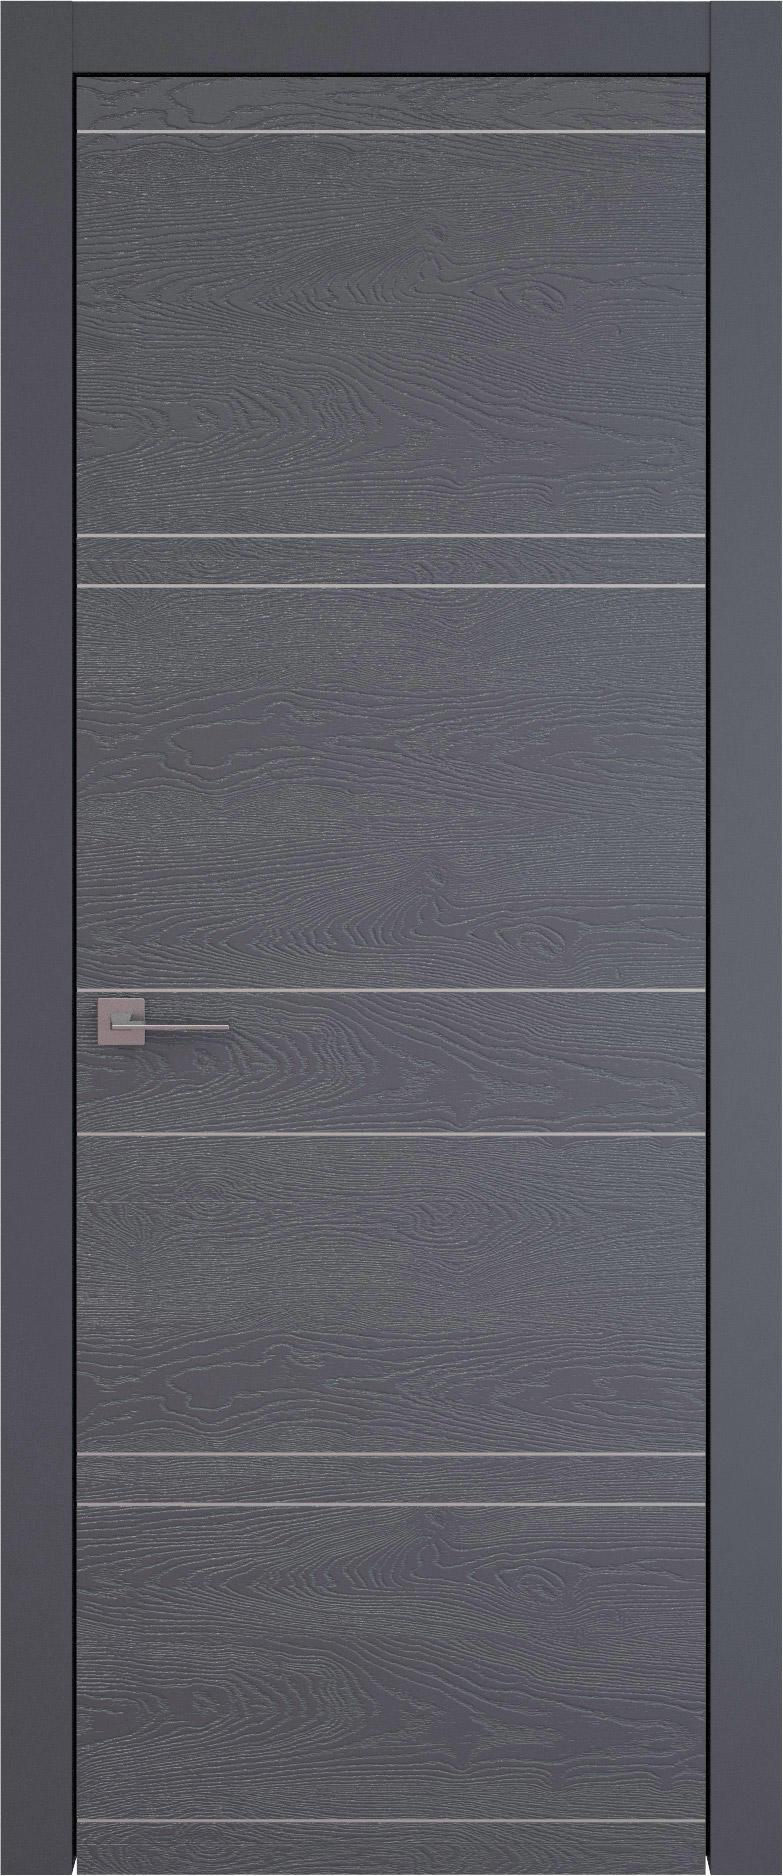 Tivoli Е-2 цвет - Графитово-серая эмаль по шпону (RAL 7024) Без стекла (ДГ)